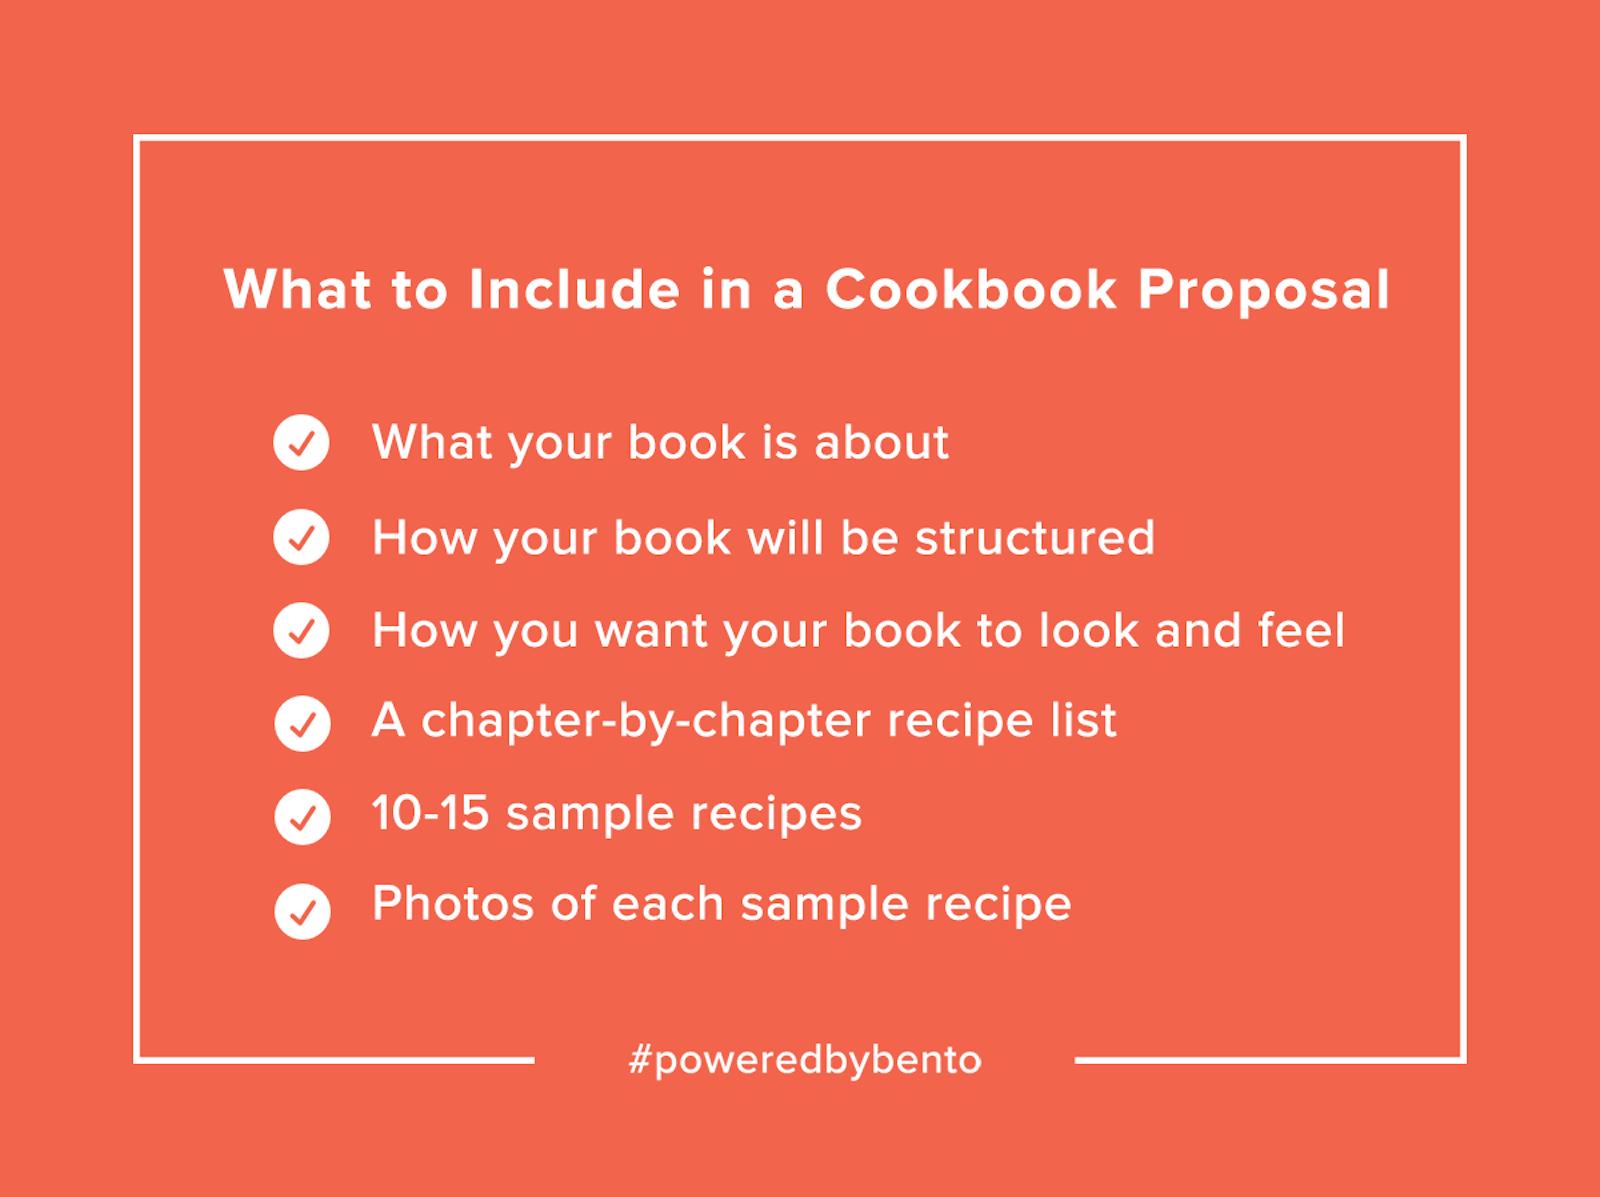 Cookbook Proposal Checklist